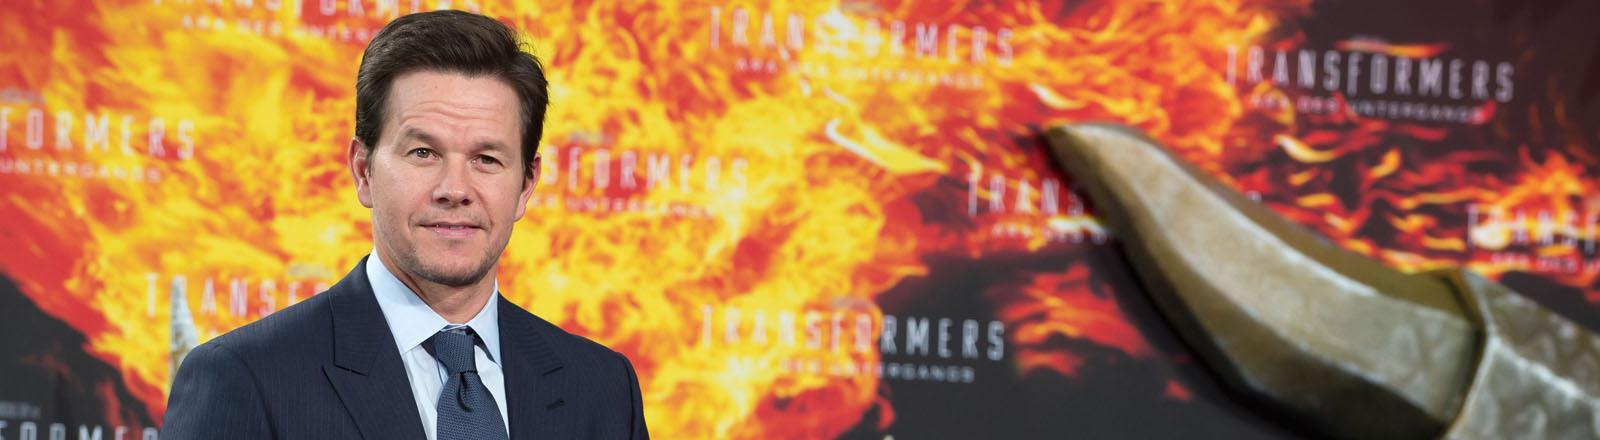 """Schauspieler Mark Wahlberg kommt am 29.06.2014 in Berlin zur Europapremiere des Films """"Transformers: Ära des Untergangs""""."""